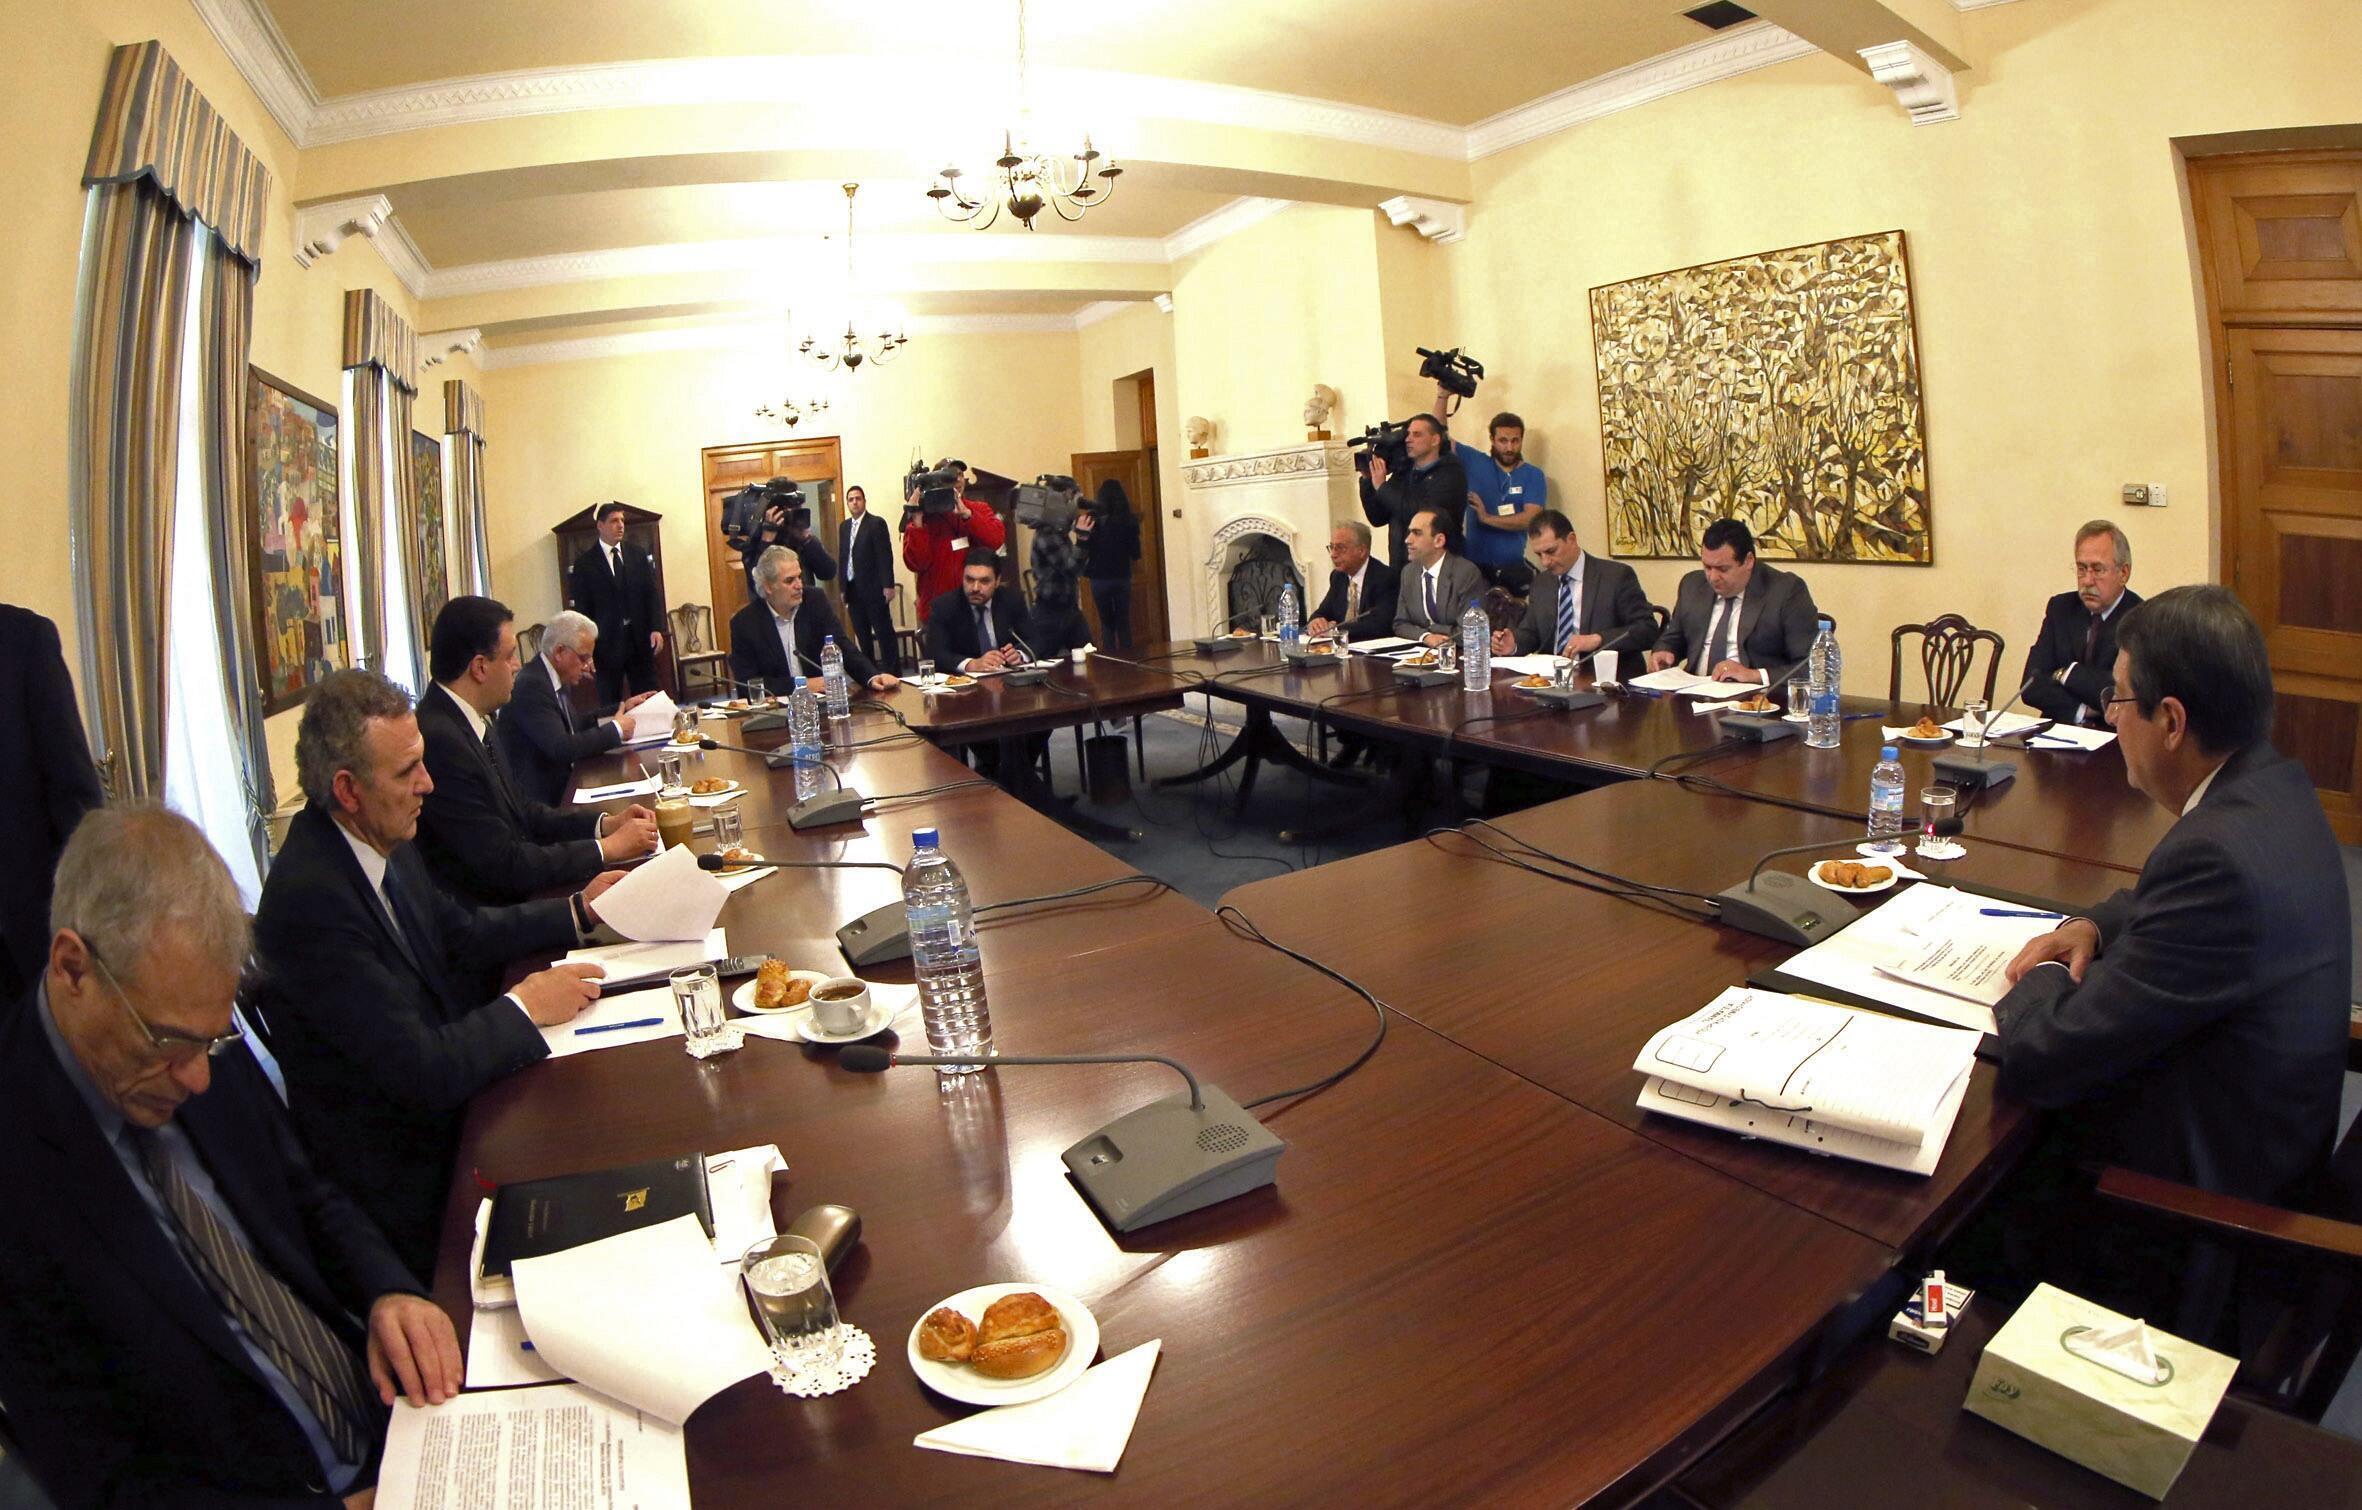 Заседание президента и совета министров Кипра, Никосия, 17 марта 2013 года